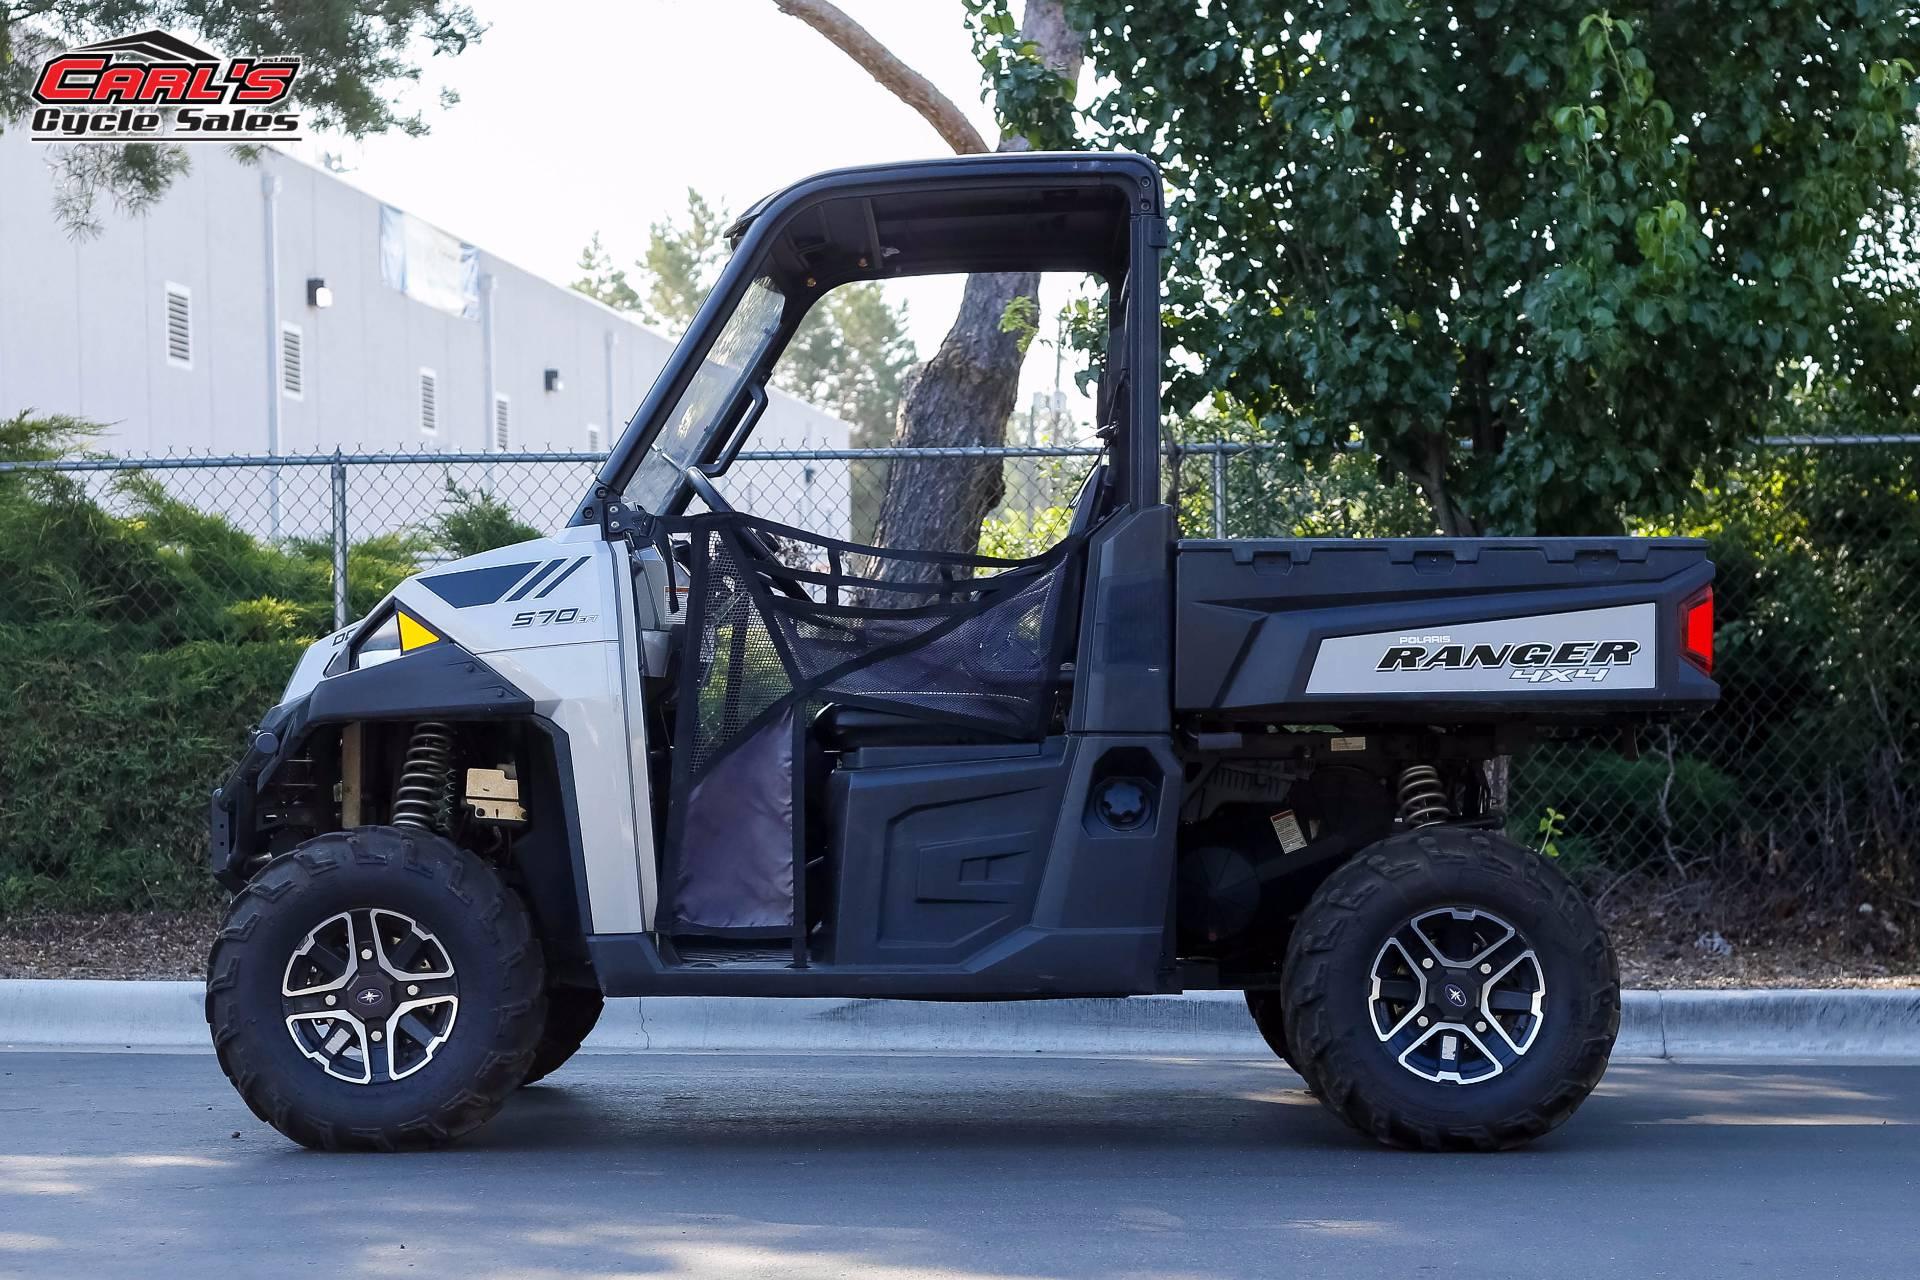 2015 Ranger570 EPS Full Size